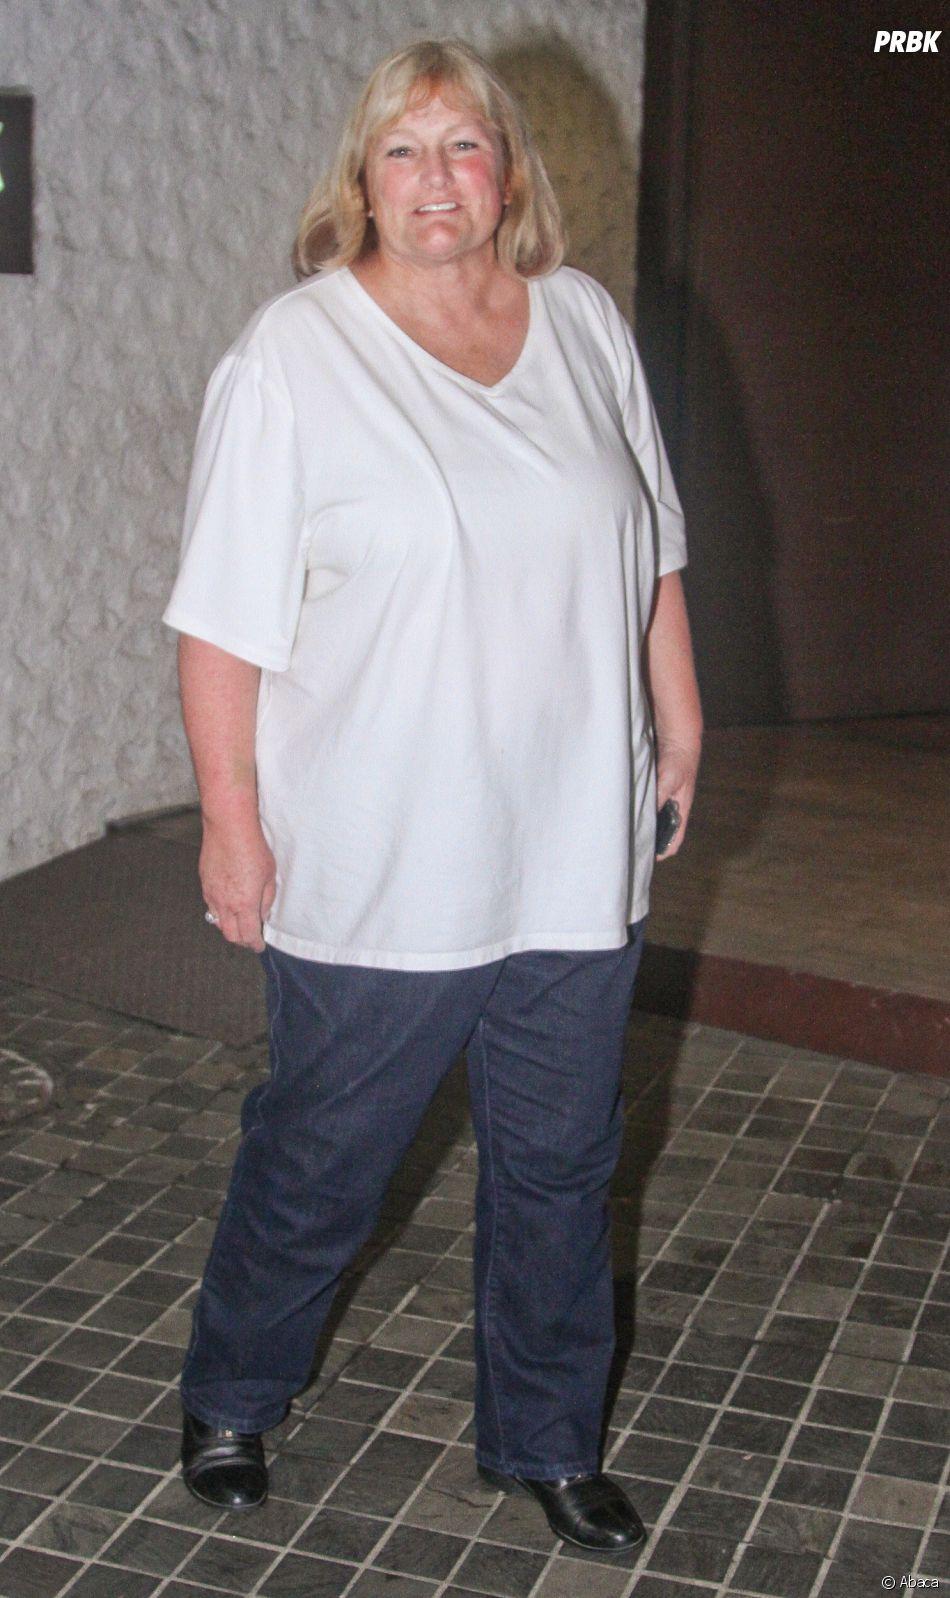 Debbie Rowe, l'ex femme de Michael Jackson, aurait reçu un sms de soutien de sa fille Paris.